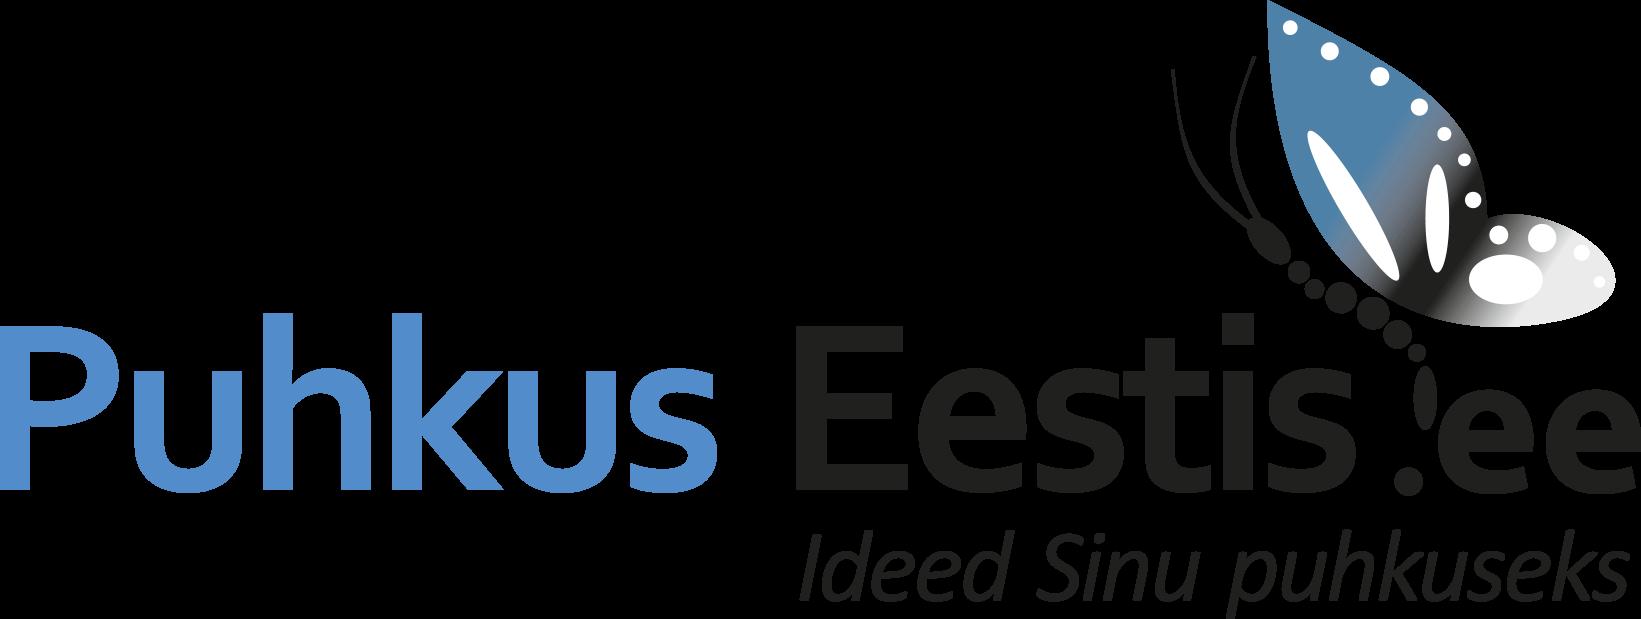 Tööpakkumine Puhkus Eestis